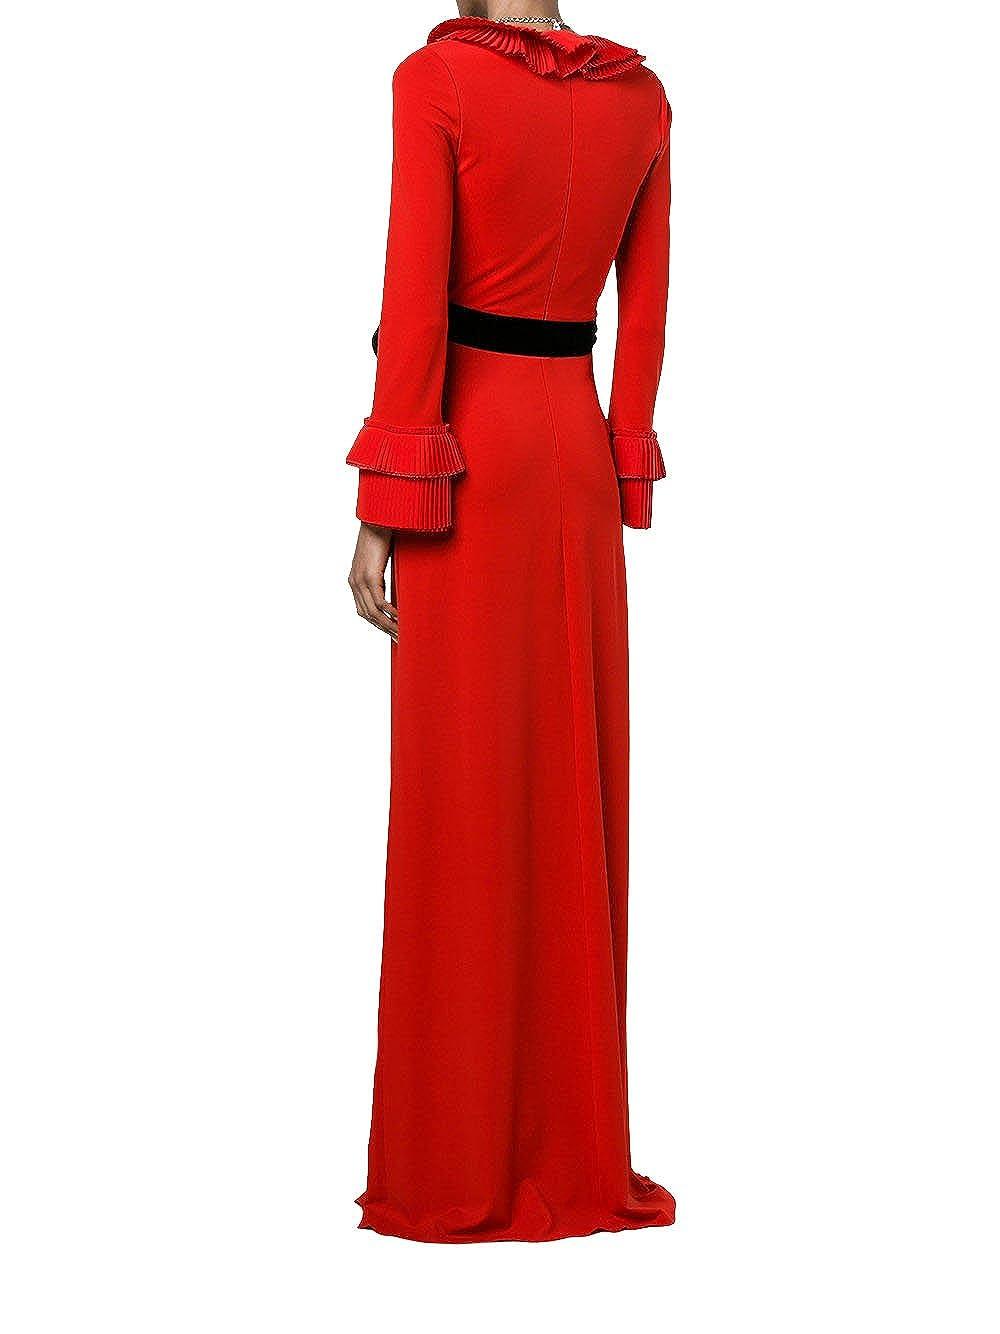 Gucci Mujer 457047X5L616587 Rojo Viscosa Vestido: Amazon.es: Ropa y accesorios